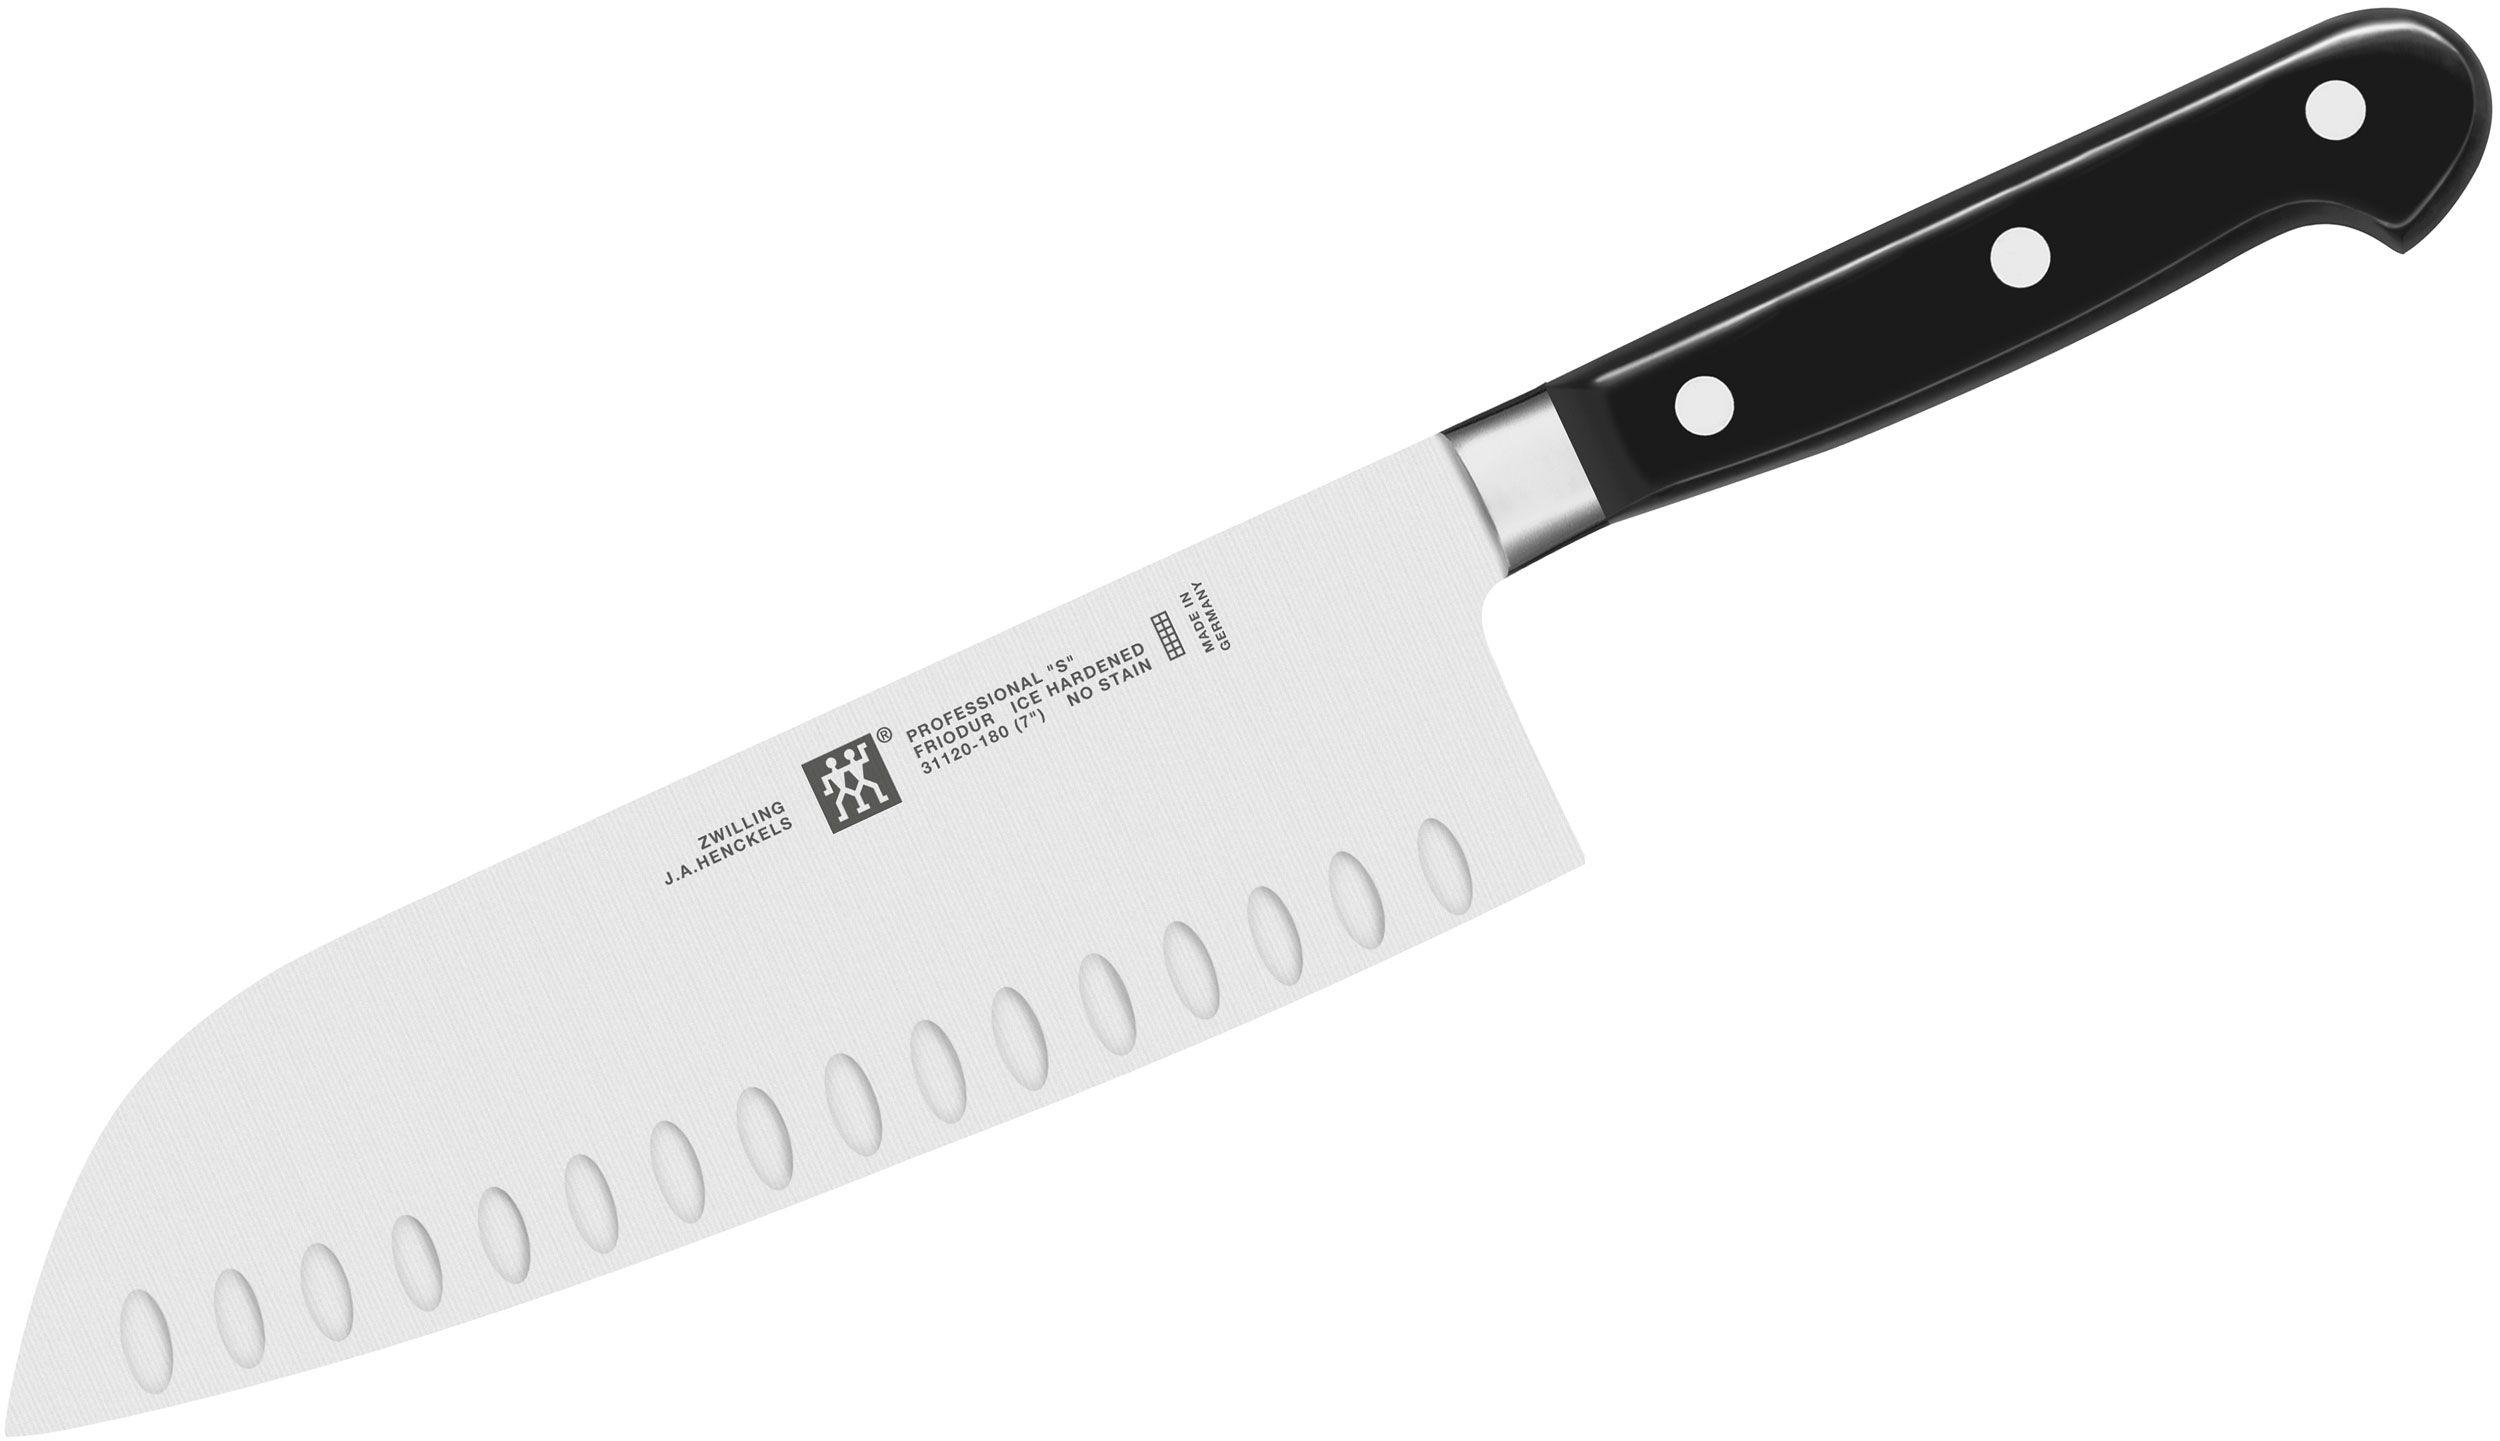 Zwilling J.A. Henckels TWIN Pro 'S' 7 inch Santoku Knife, Hollow Edge